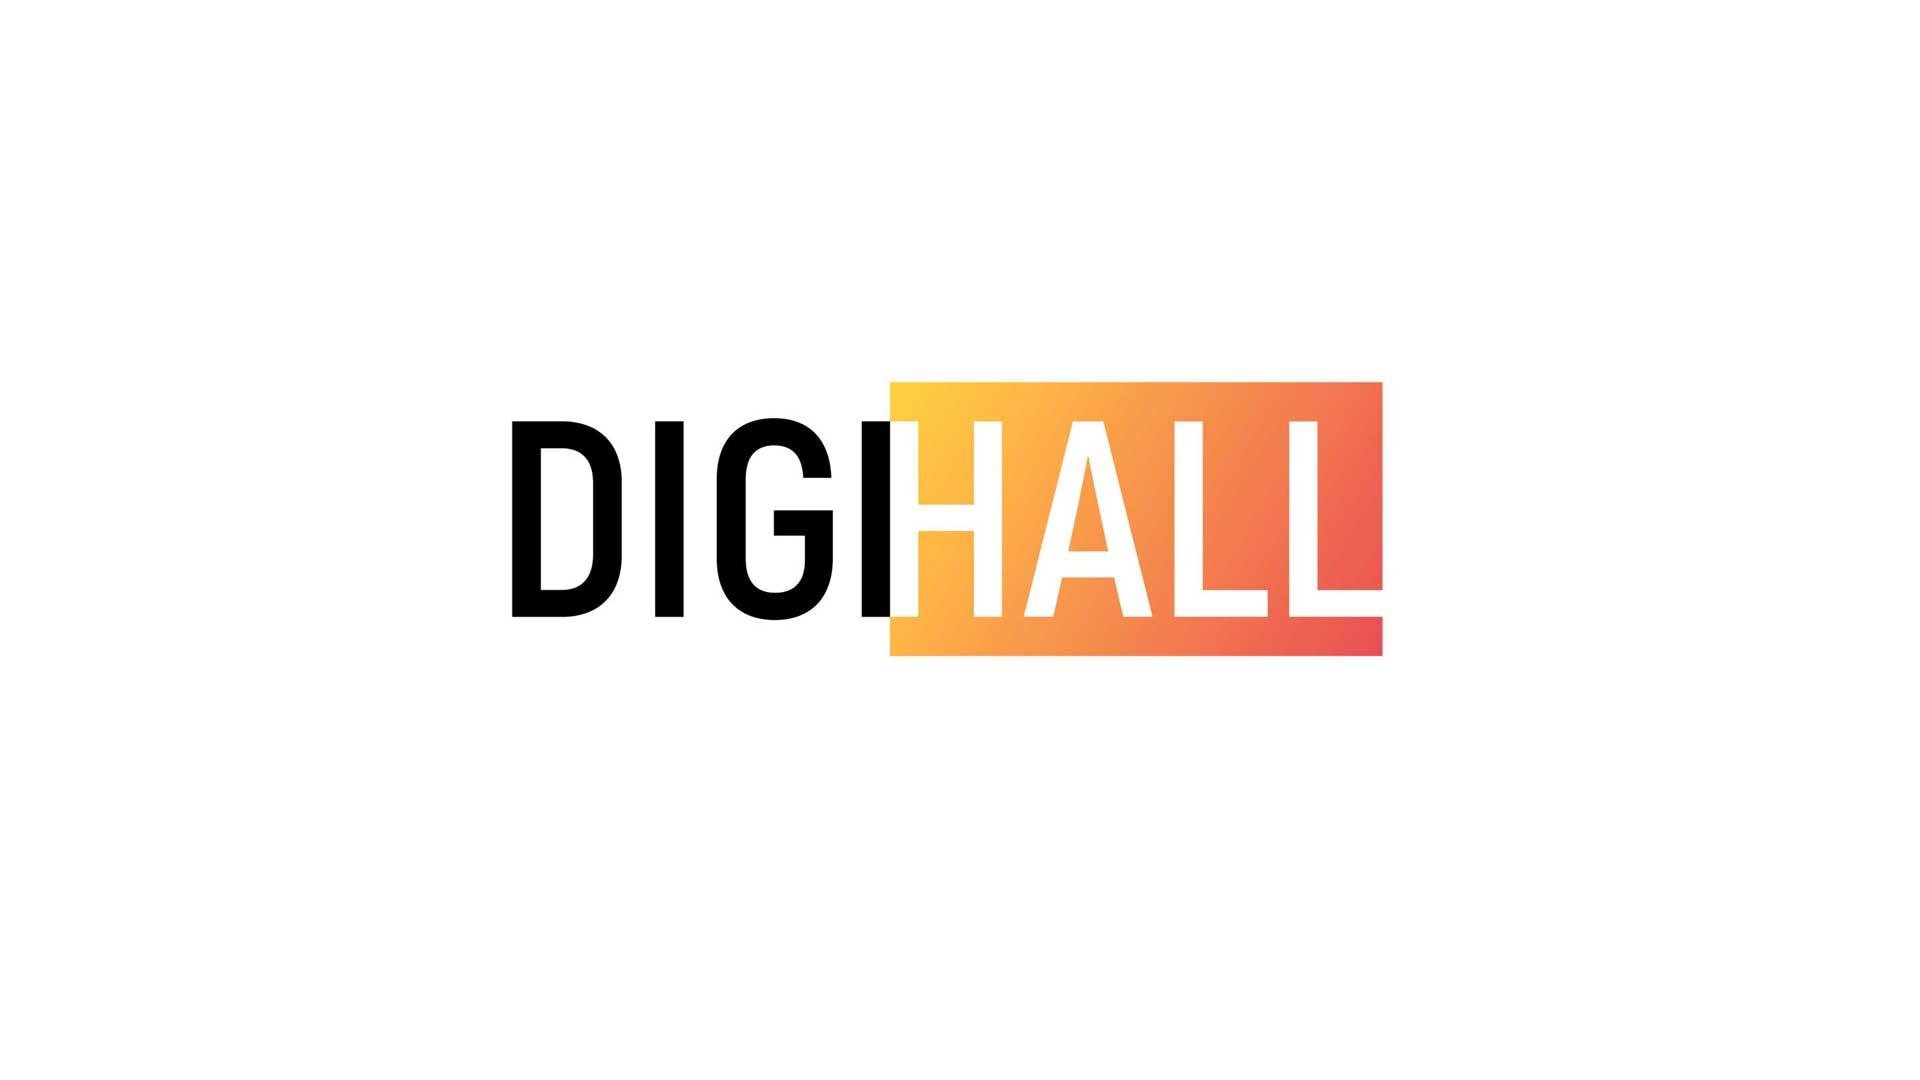 Digihall